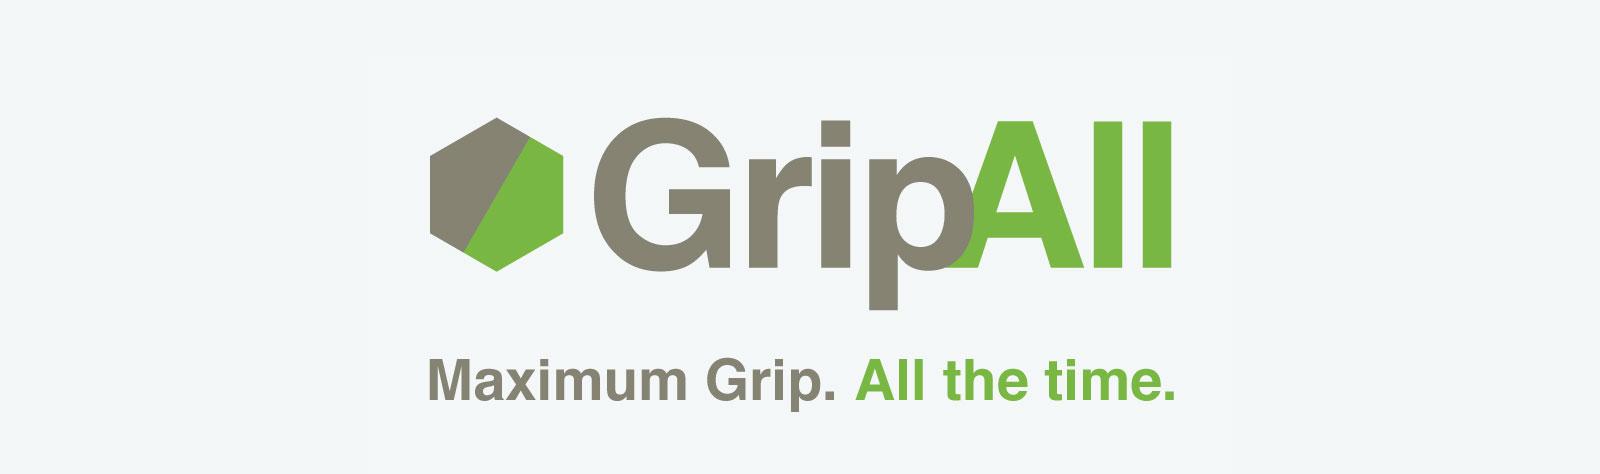 grip-all-final-logo